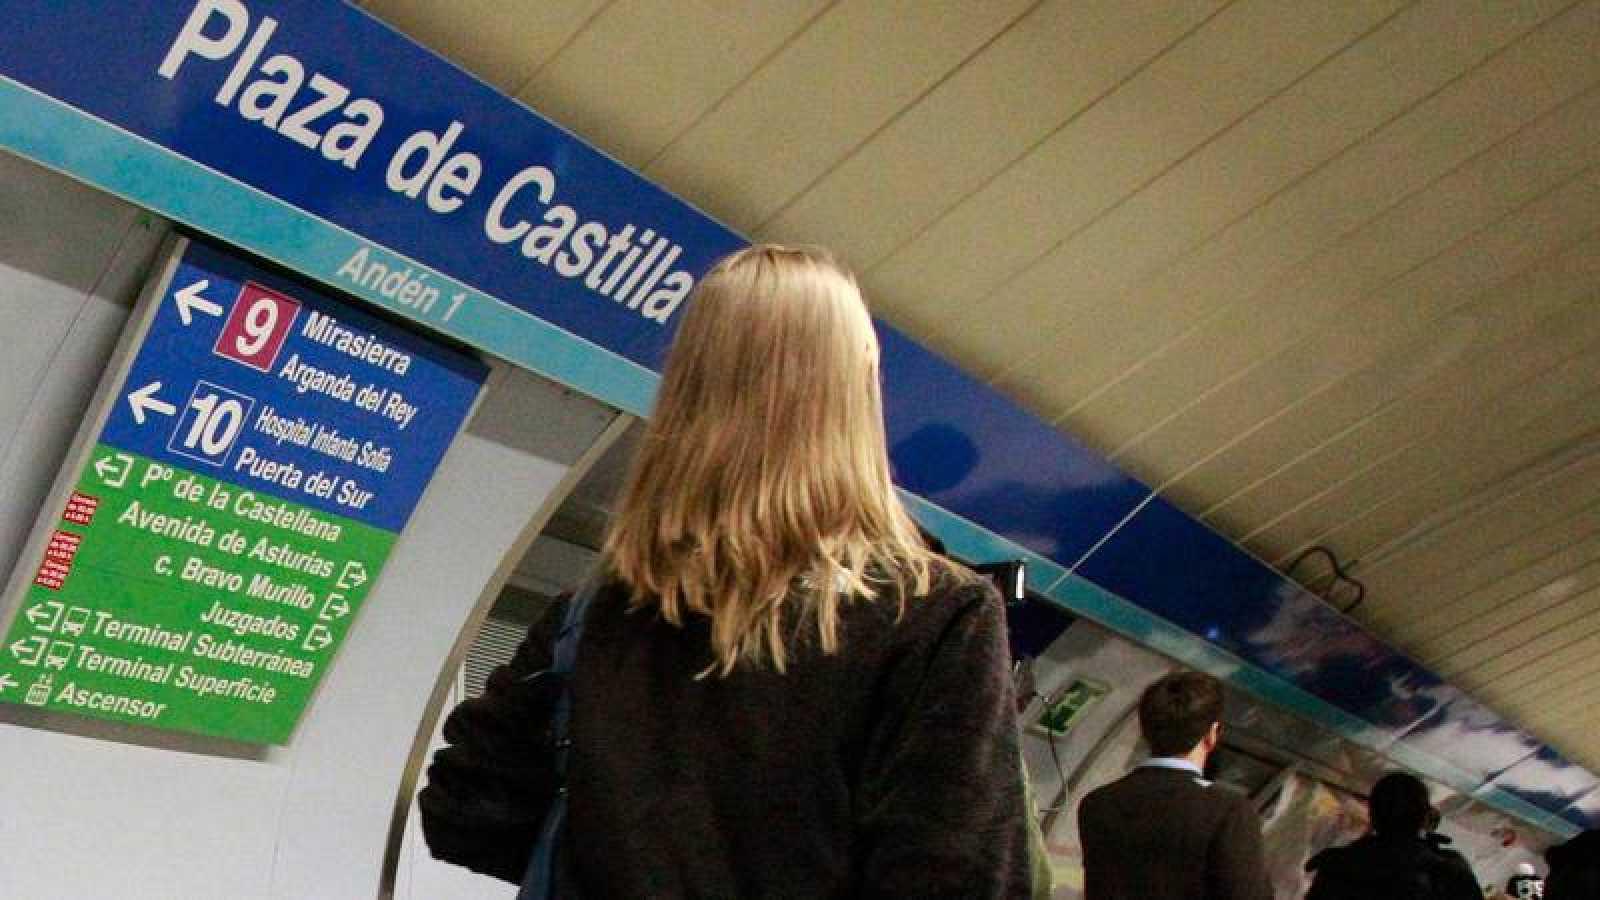 Imagen de archivo del andén de una estación del Metro de Madrid